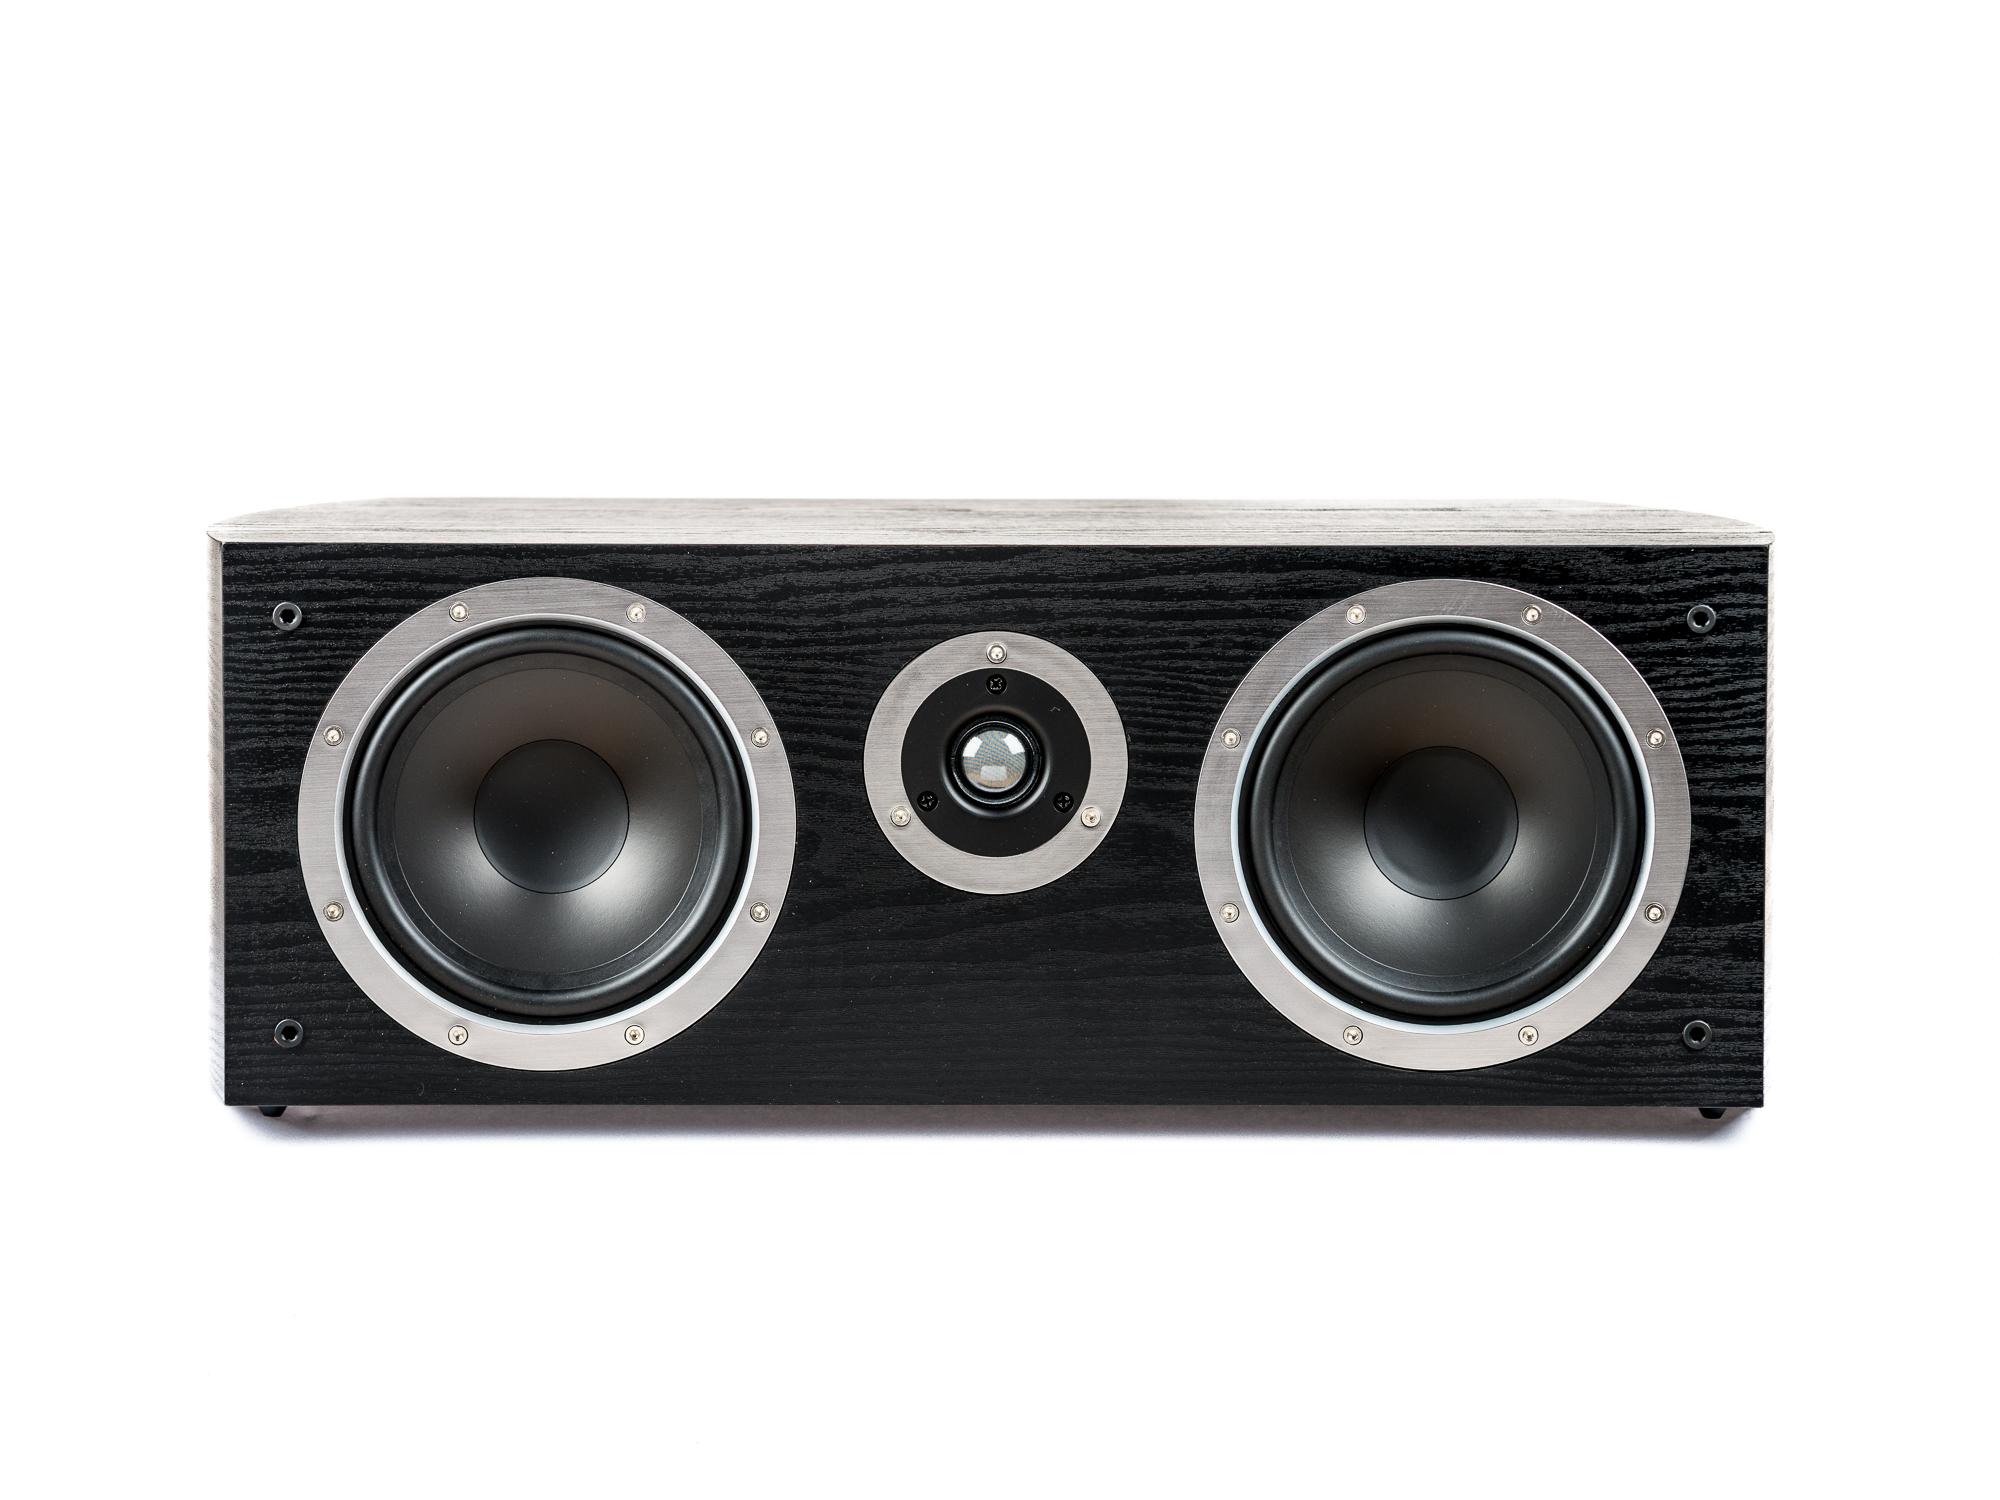 PG Audio universeller XL Center Lautsprecher, 2 Wege Bassreflex, schwarz, Neu-Ware 001